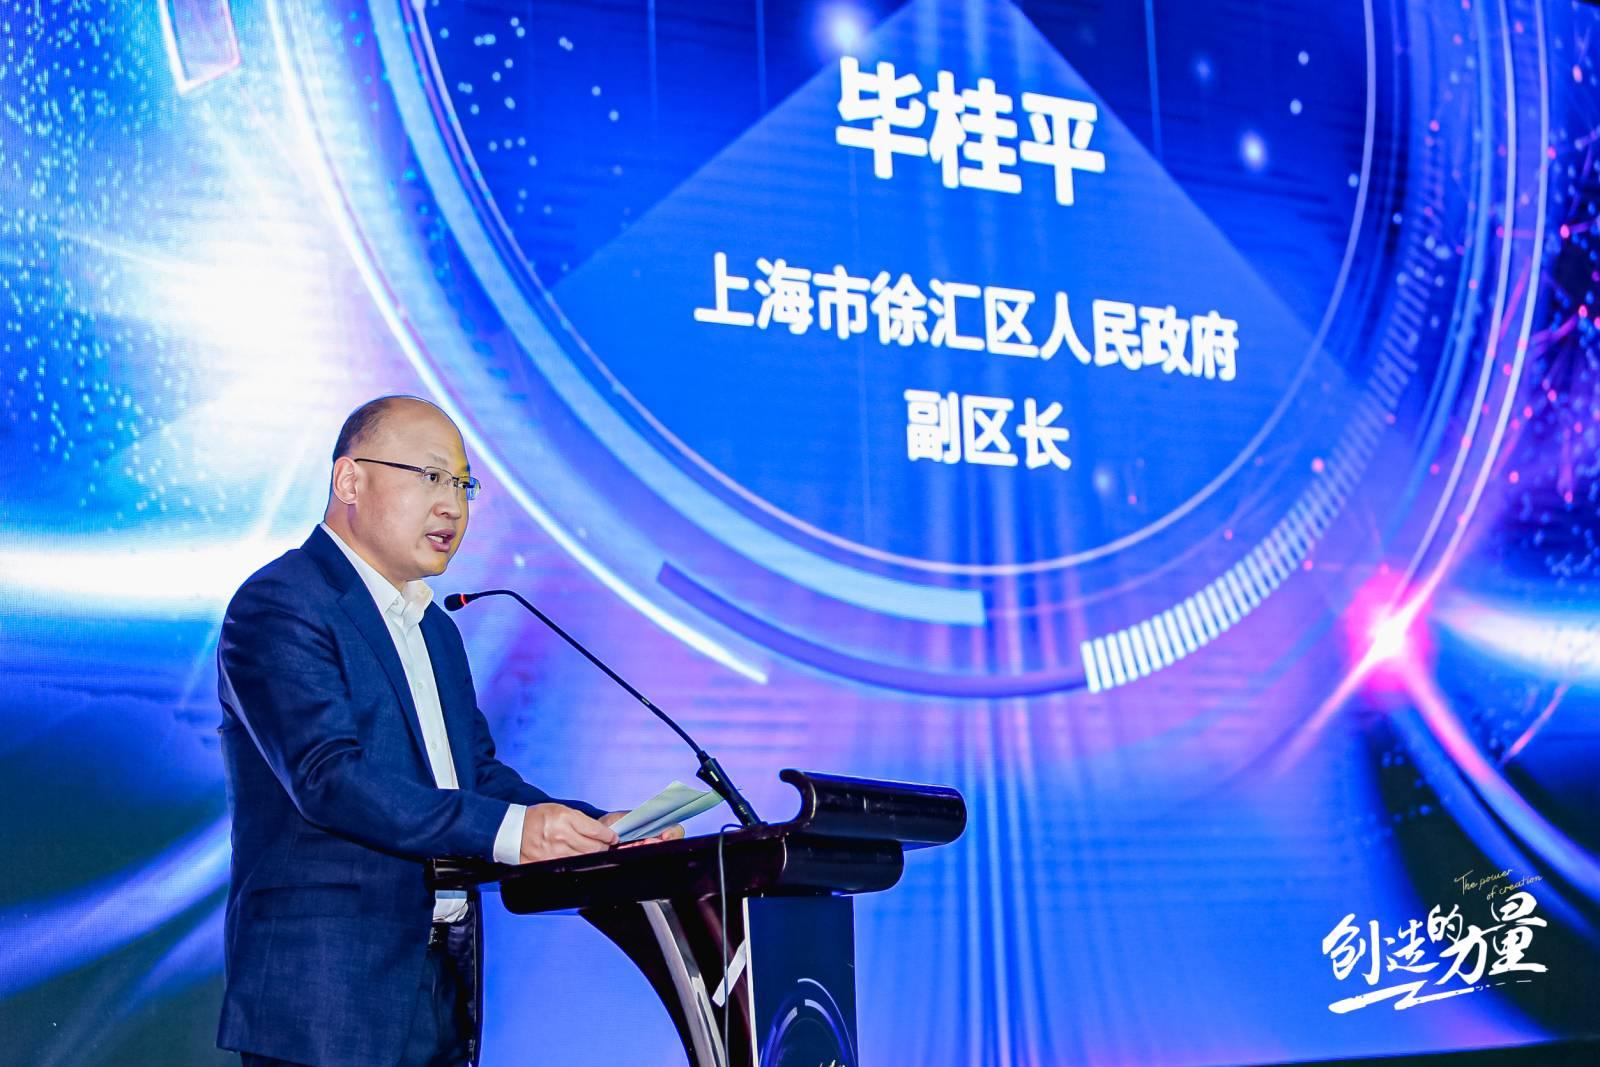 上海市徐汇区人民当局副区长毕桂平